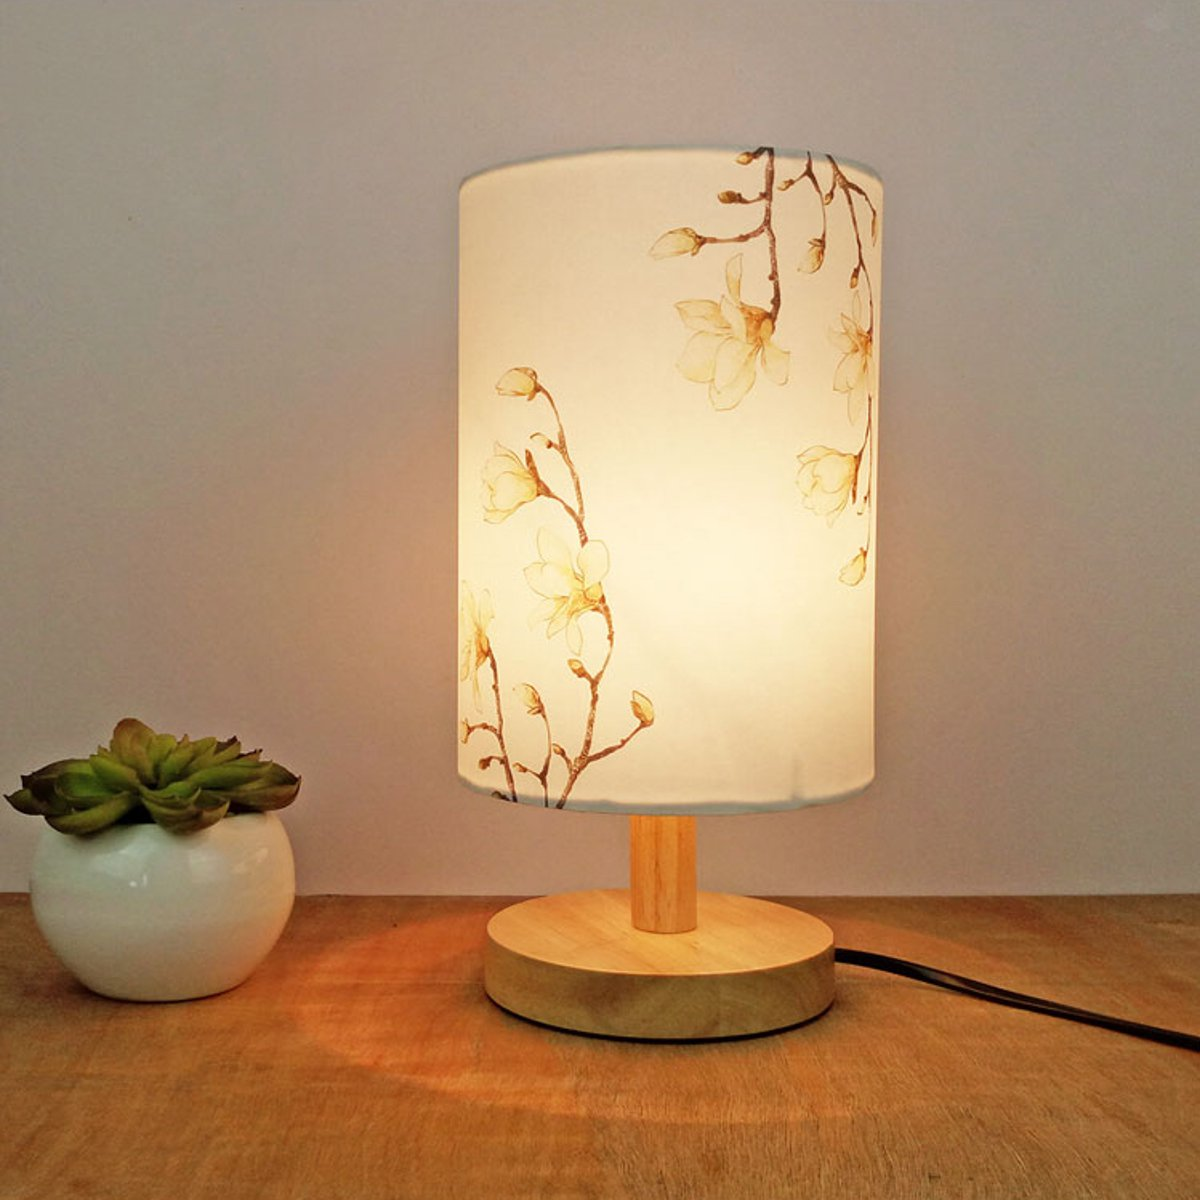 Tulipa Vintage E27 de 14x20CM, portalámparas Floral de pájaro, cubierta de lámpara, sombra de mesa, cubierta de luz de techo, accesorios de iluminación interior 2 piezas de lámpara de papel de pantalla blanca para colgar